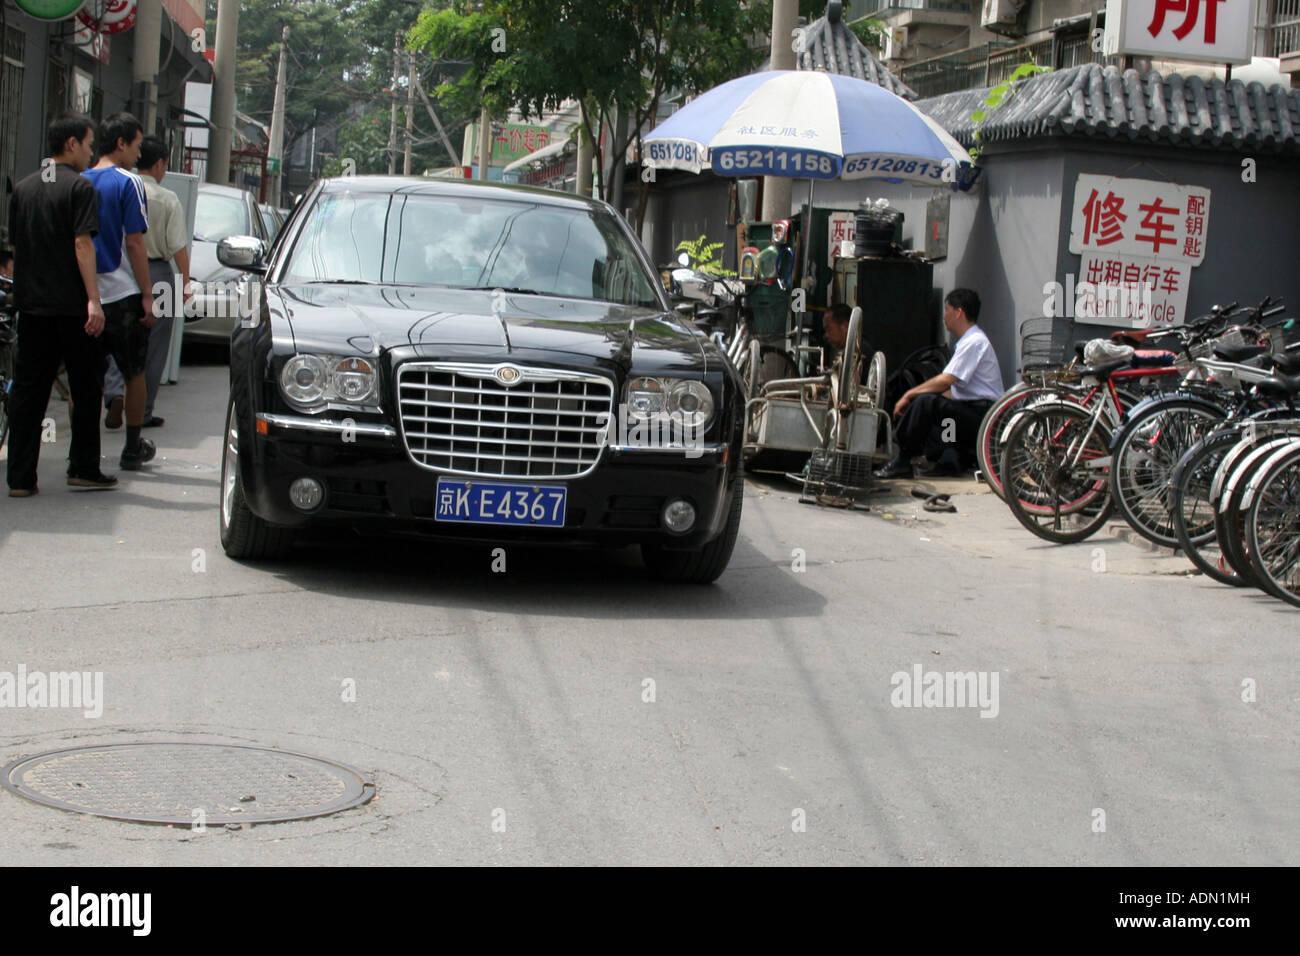 Auto di lusso nella strada stretta degli Hutong di Pechino Cina Agosto 2007 Foto Stock